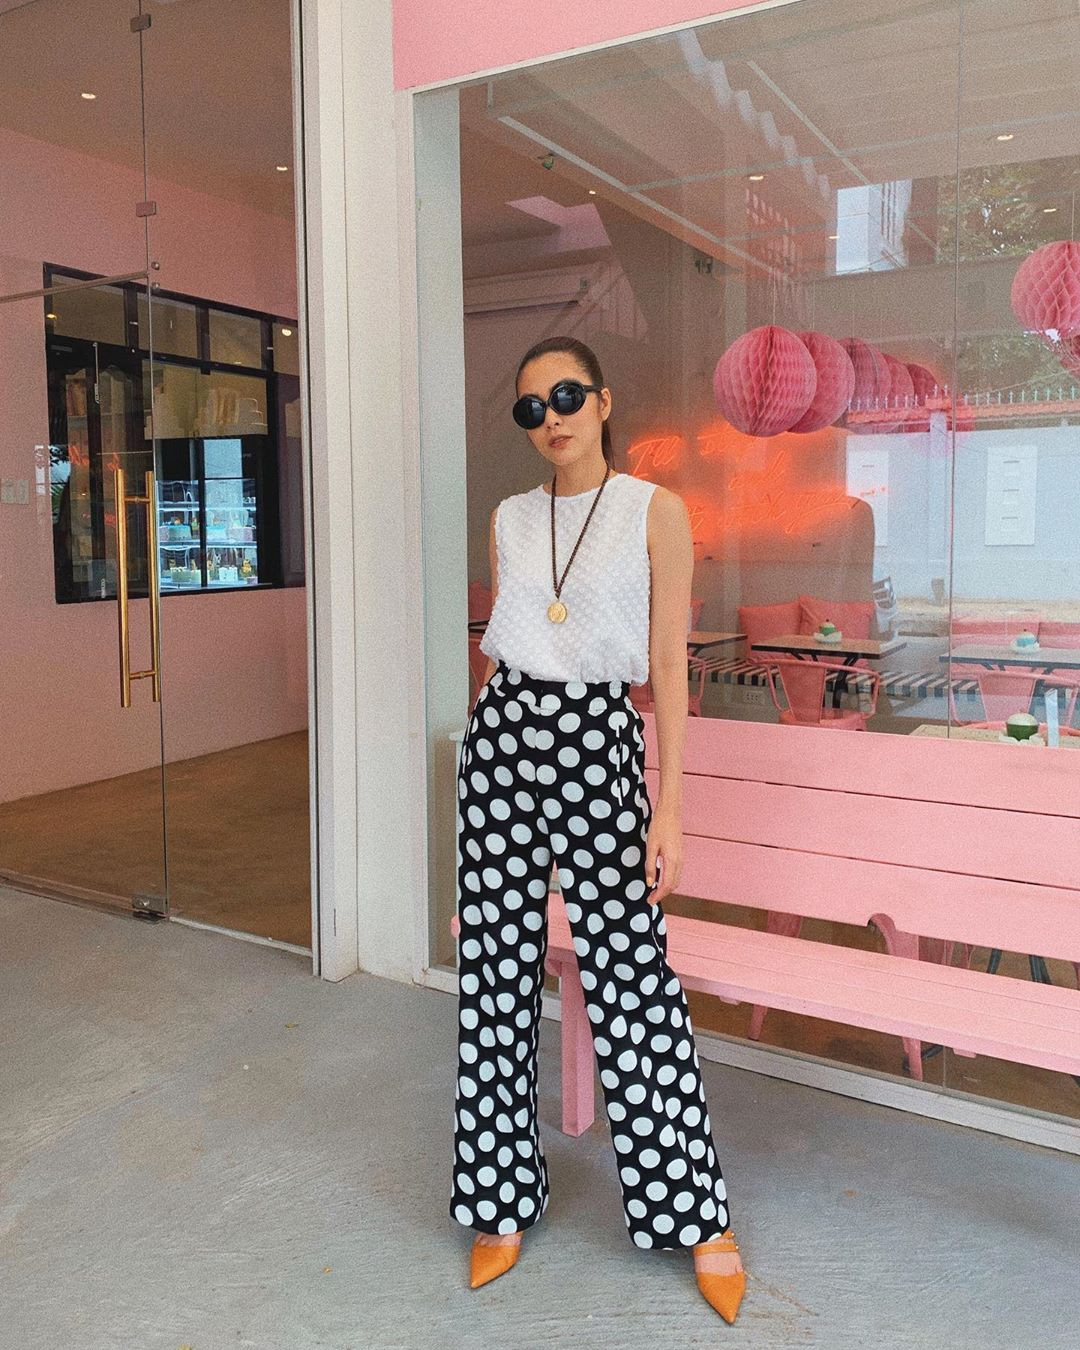 Làm chủ công thức đen - trắng với 13 ý tưởng từ sao nữ Việt và style của bạn sẽ lên đời thấy rõ - Ảnh 7.